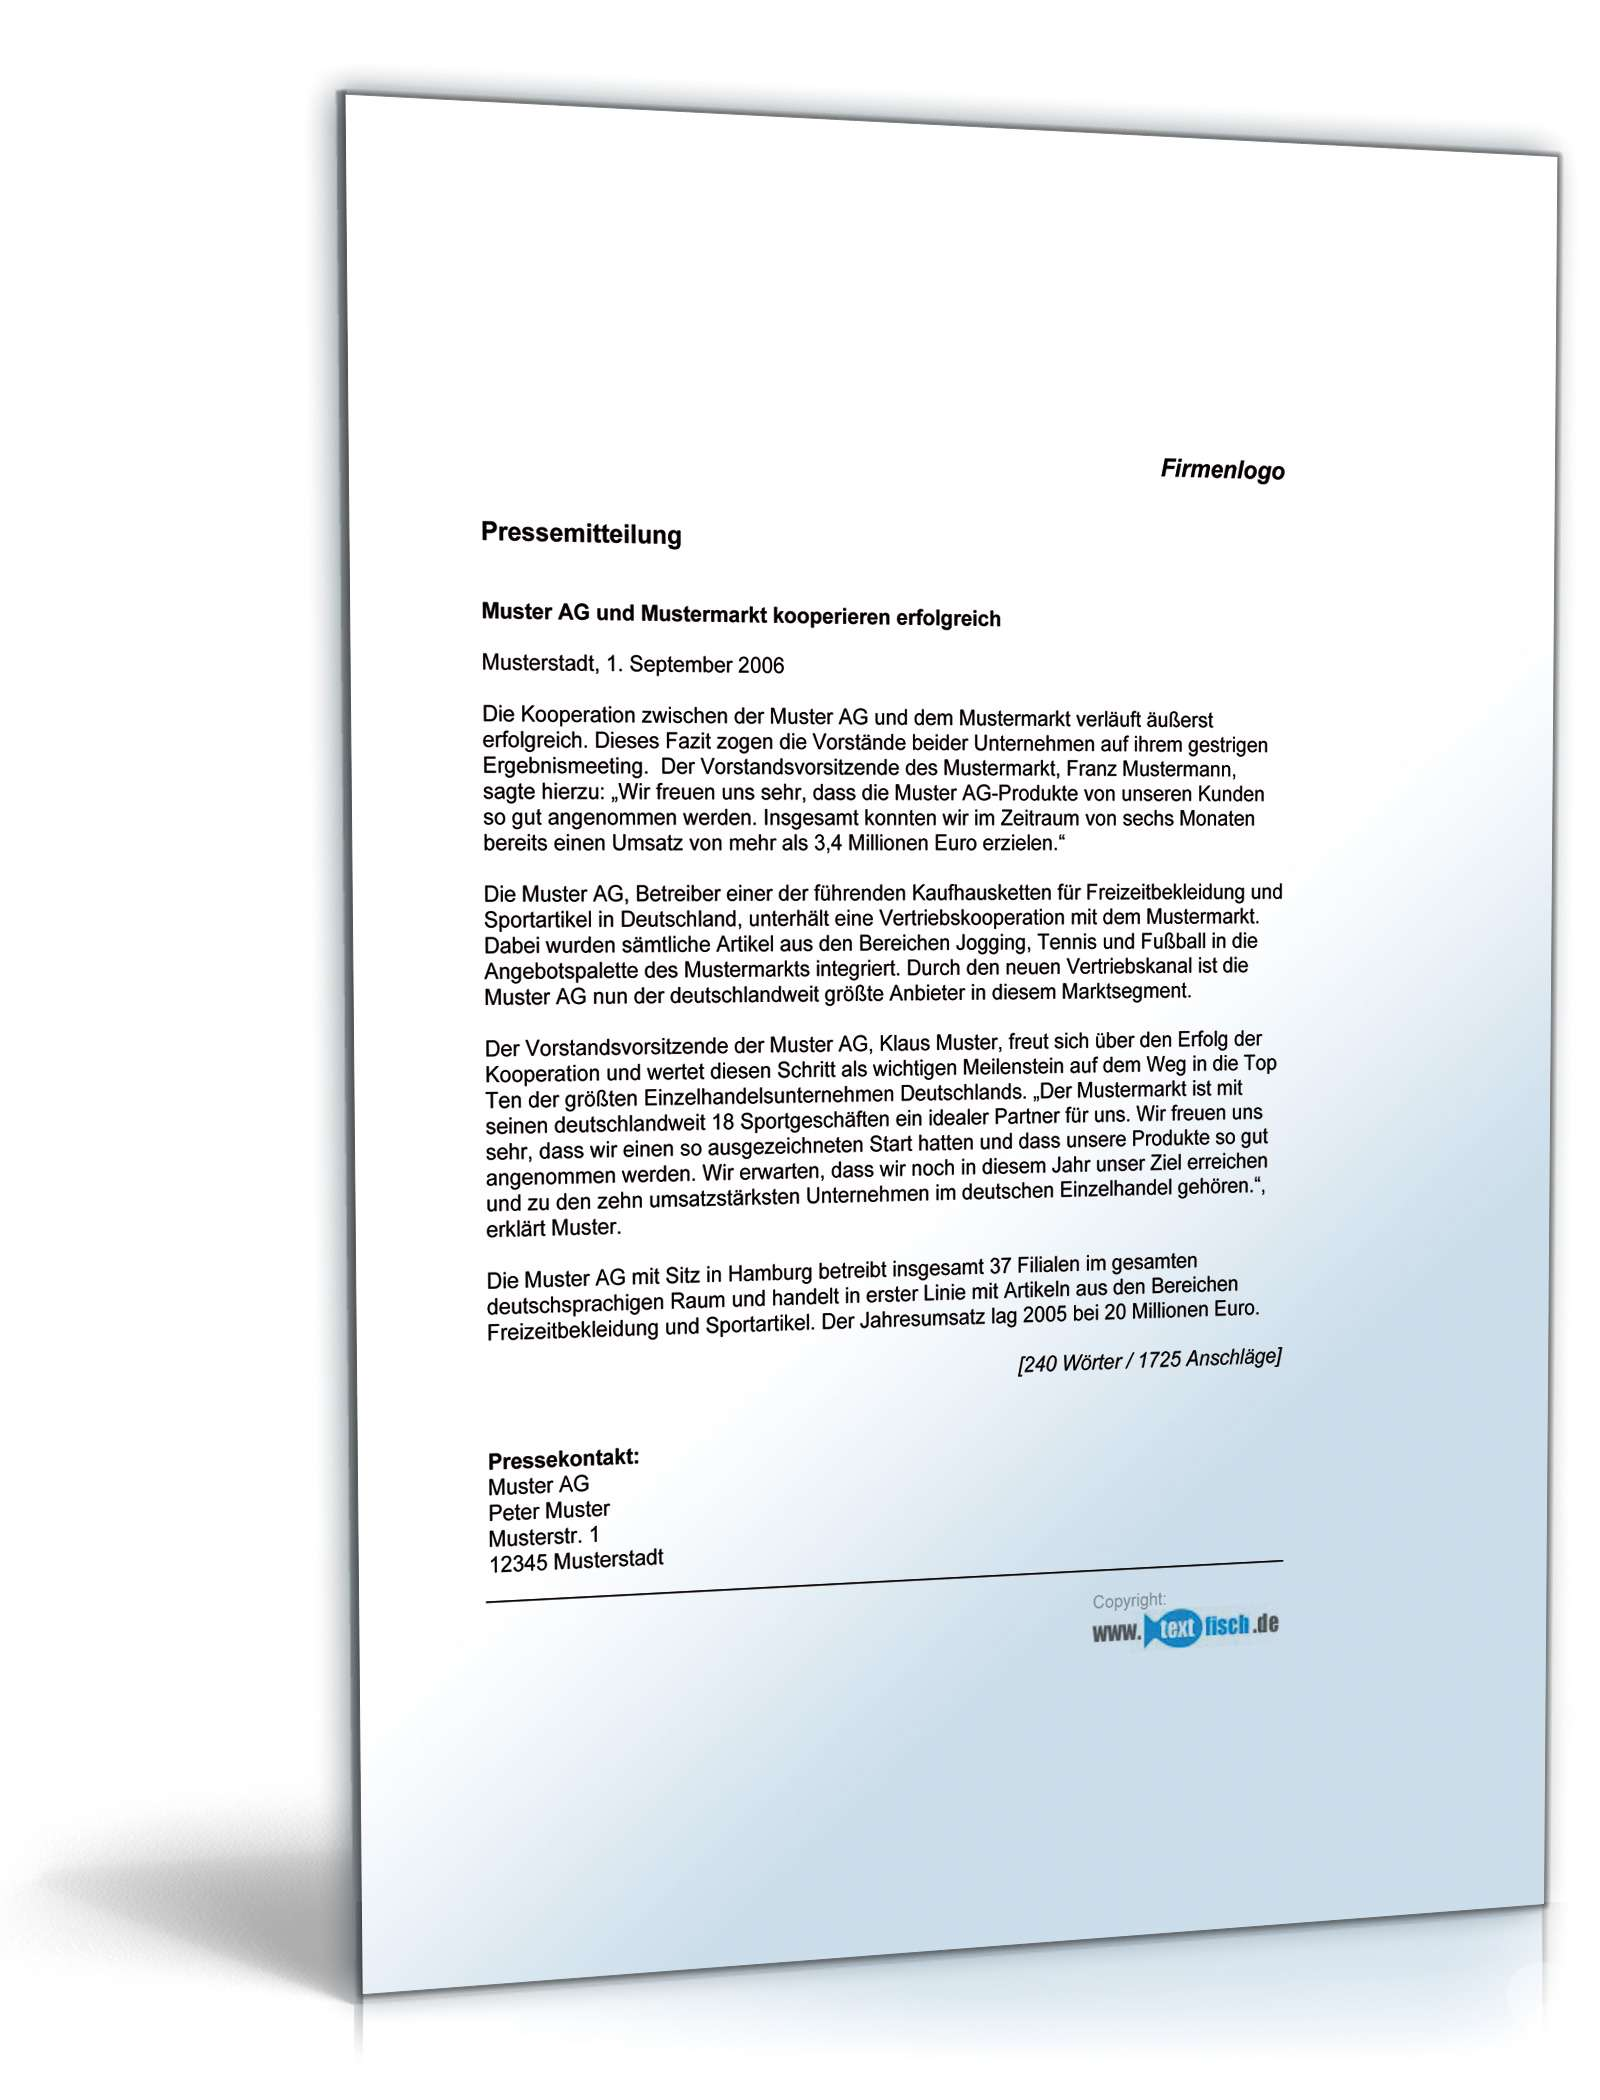 Pressemitteilung Ergebnisse Kooperation Muster Zum Download